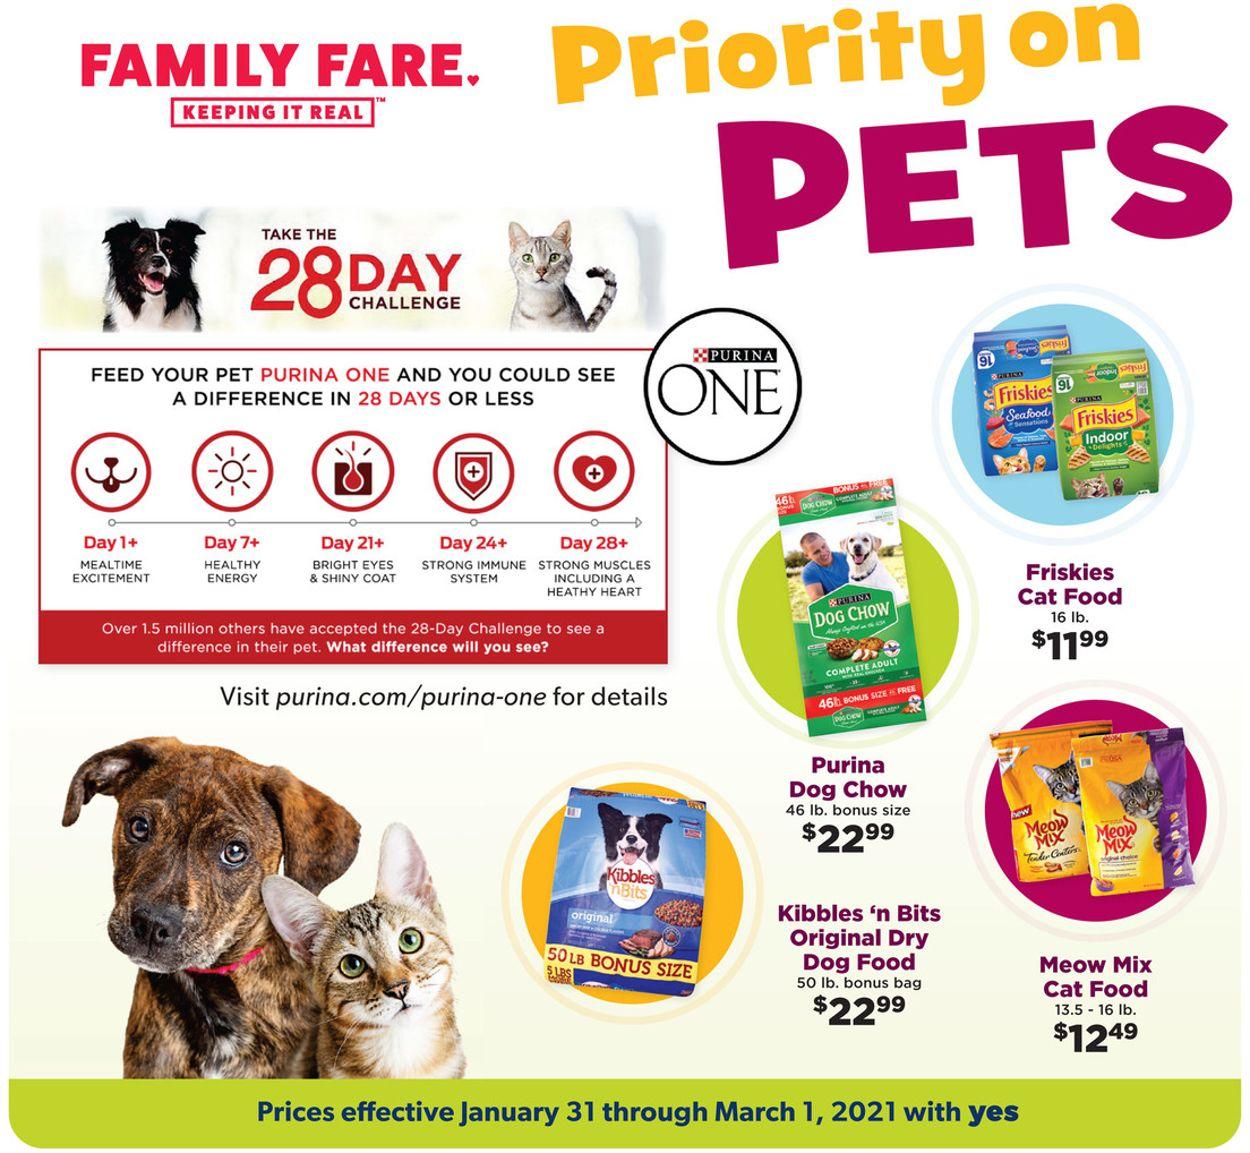 Family Fare Pets 2021 Weekly Ad Circular - valid 01/31-03/01/2021